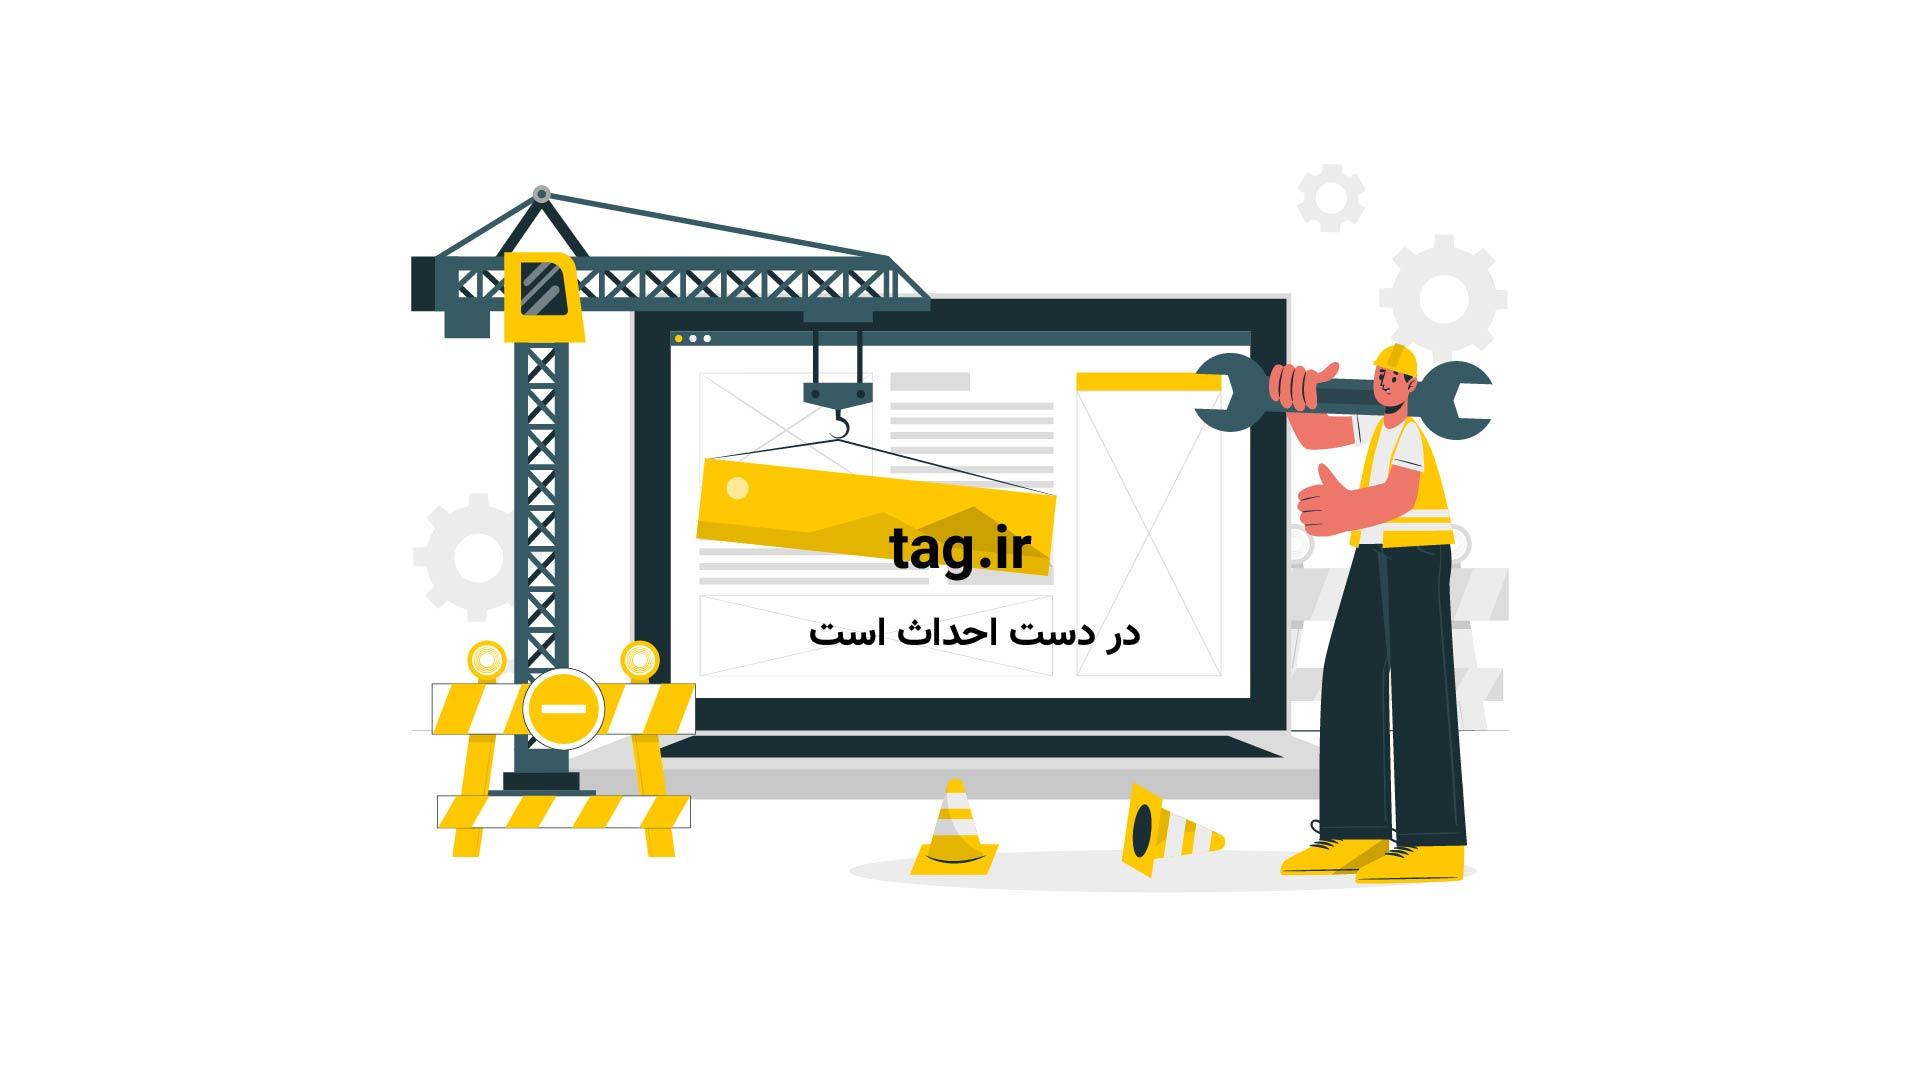 جف گوردون؛ قهرمان معروف اتومبیلرانی دنیا در نقش راننده مبتدی تست خودرو | فیلم